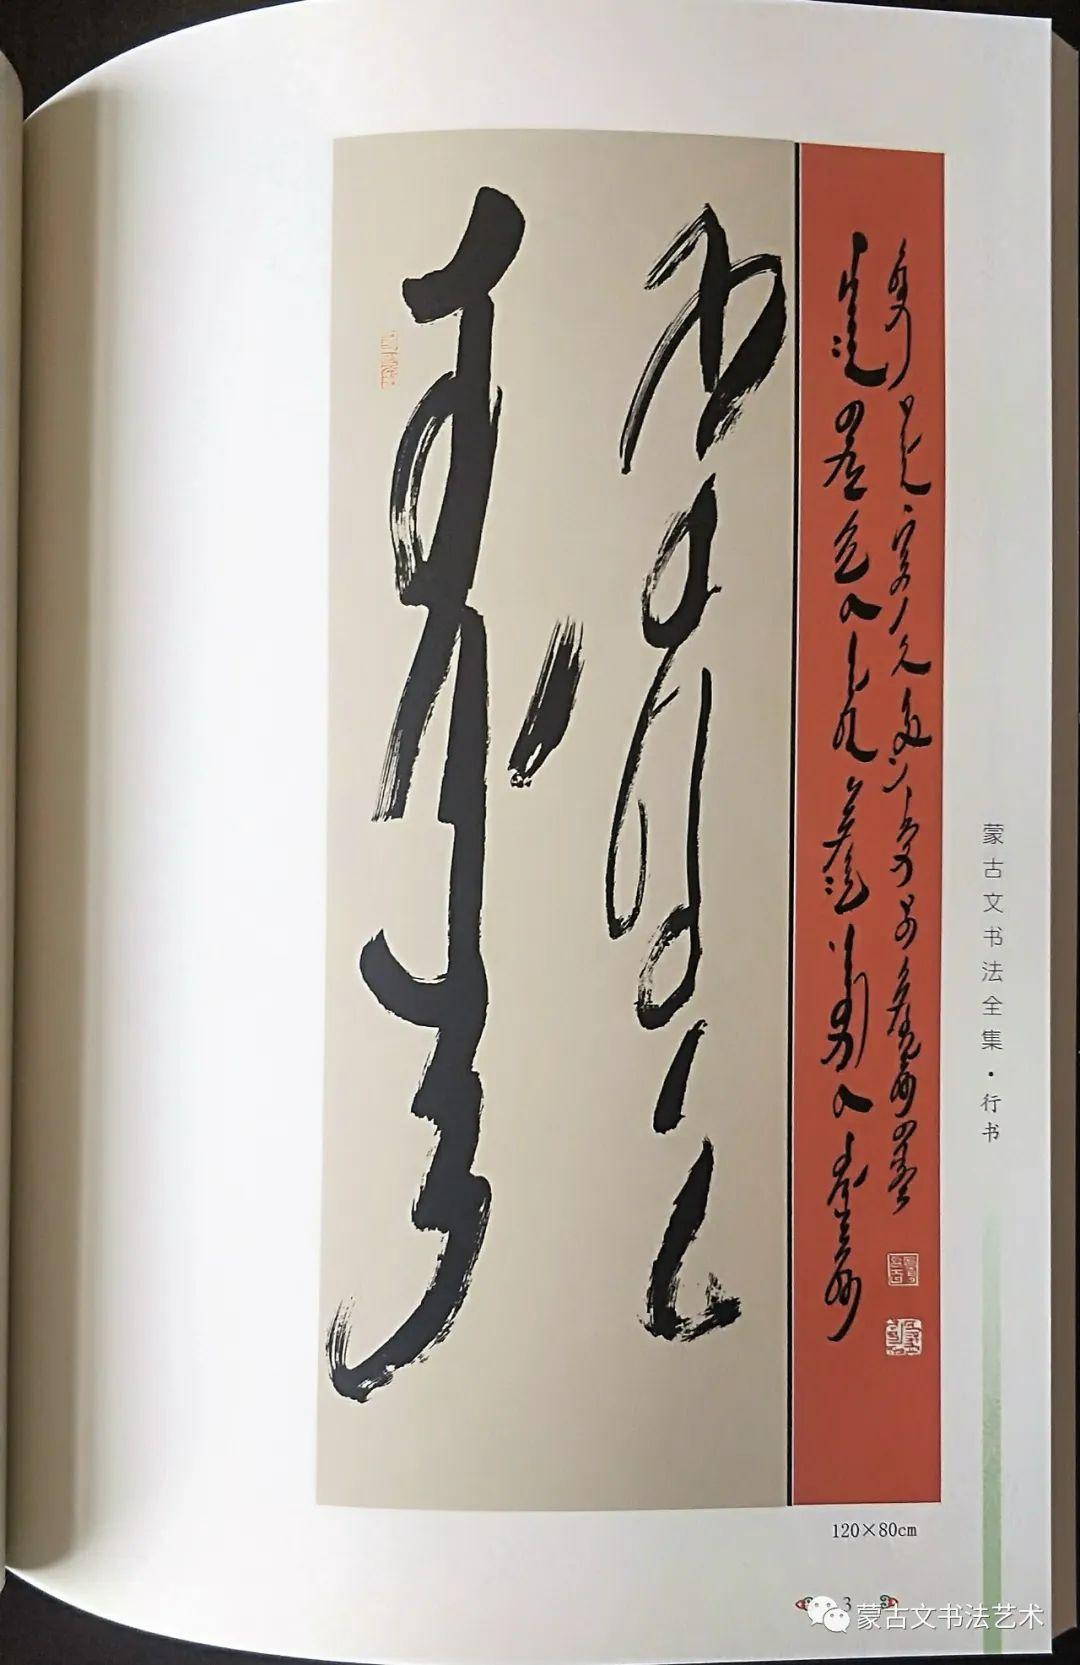 蒙古文书法全集 第13张 蒙古文书法全集 蒙古书法